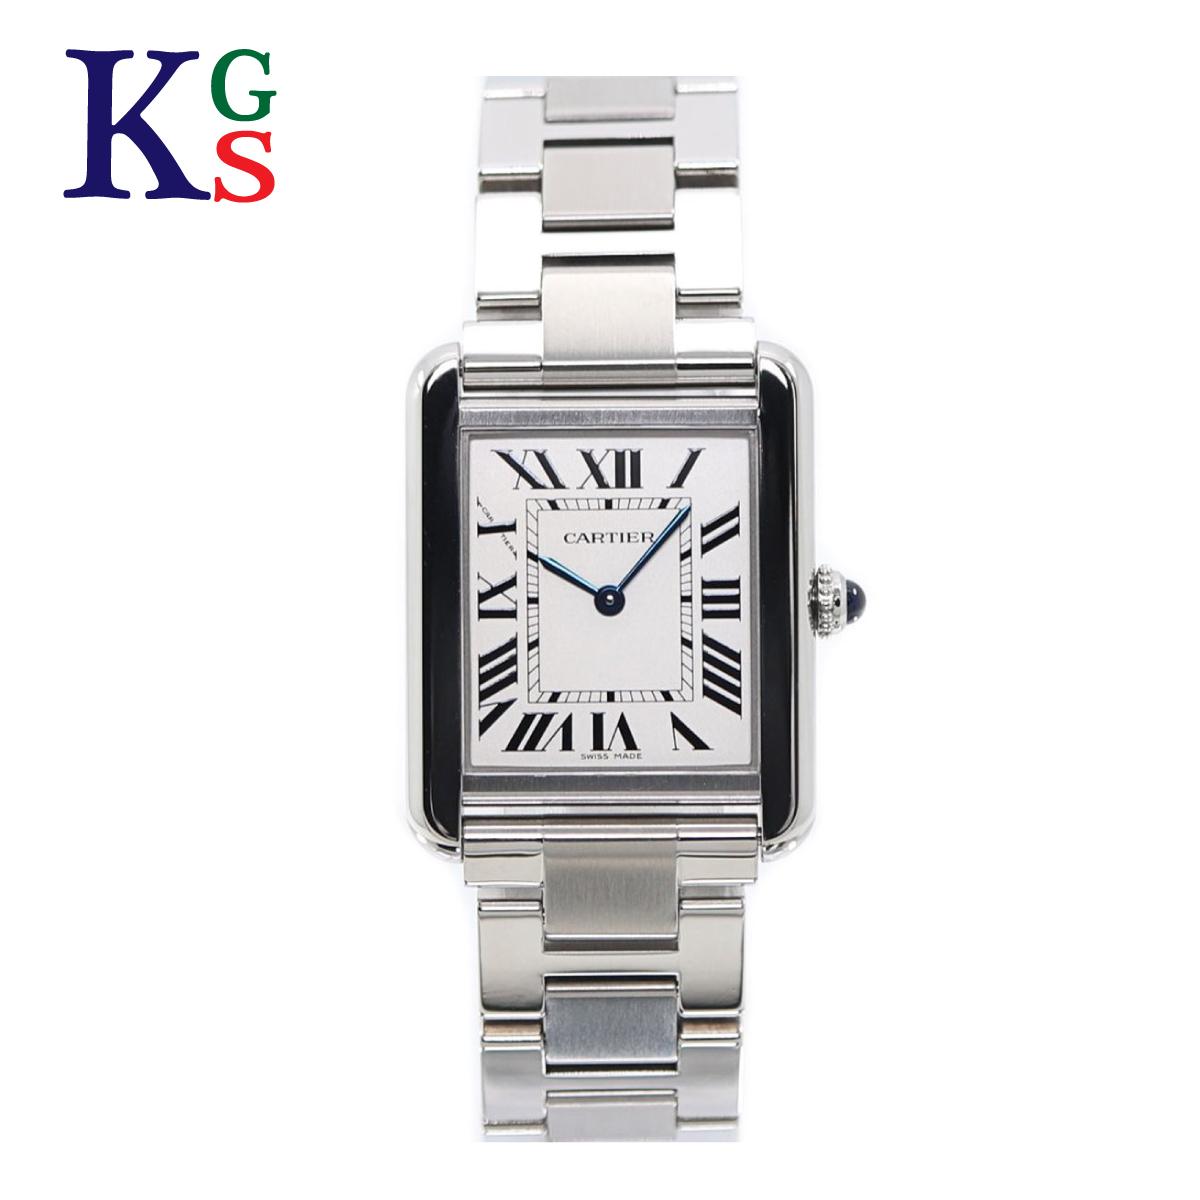 【ギフト品質】カルティエ/Cartier レディース 腕時計 タンクソロSM シルバー ステンレススチール ホワイト文字盤 クオーツ 電池式 W5200013